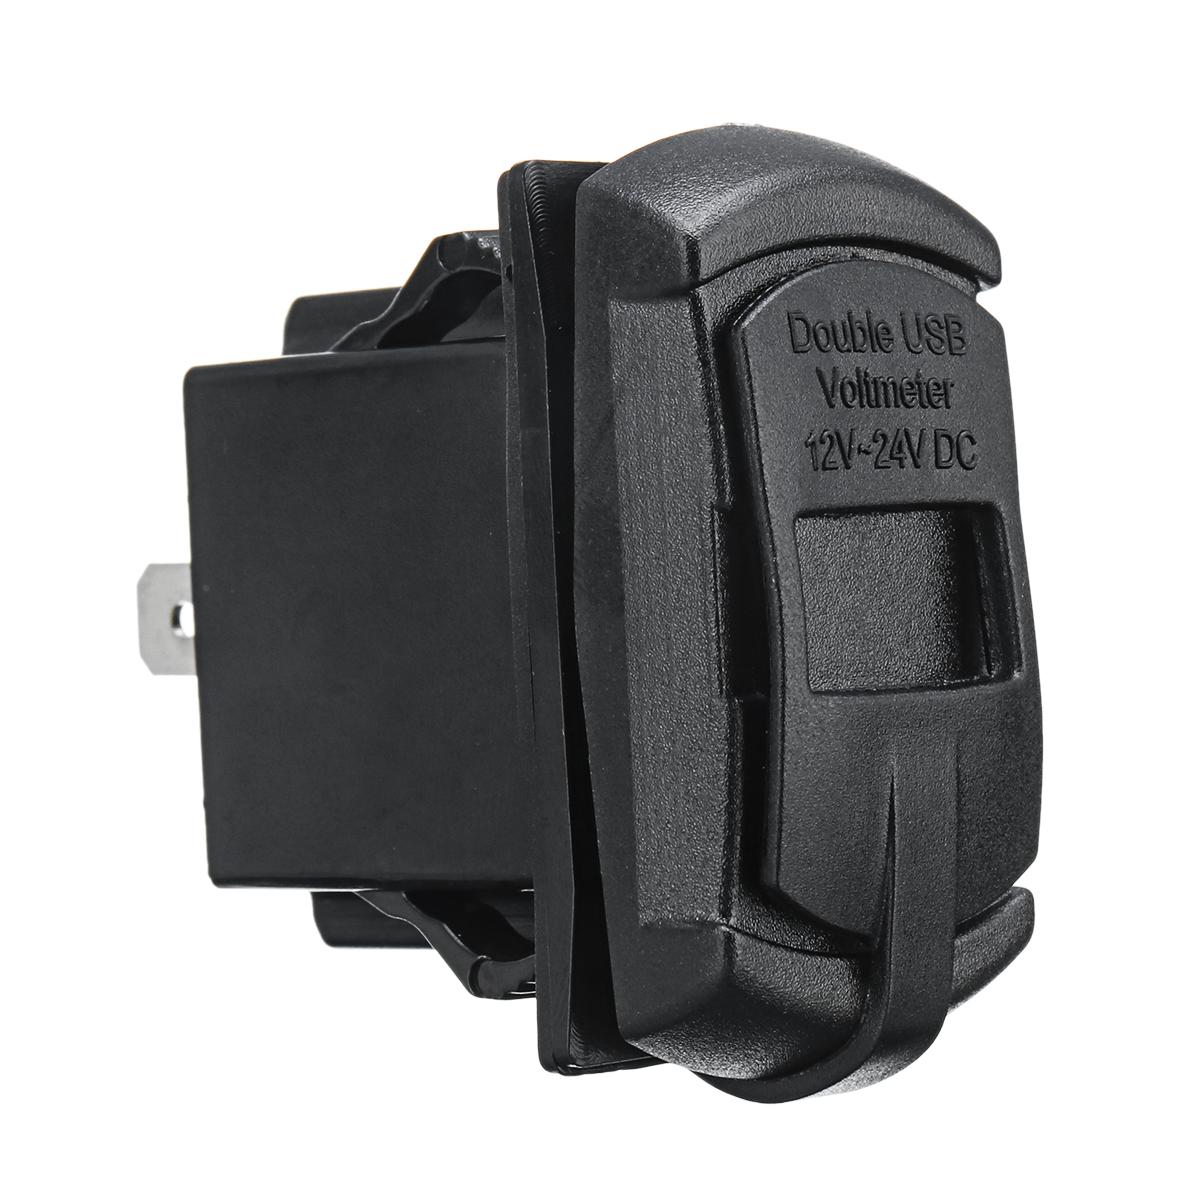 Зарядное устройство USB для Polaris UTV RZR RZR4 Ranger XP 1000 900 800 Crew 2015 2016 - фото 6